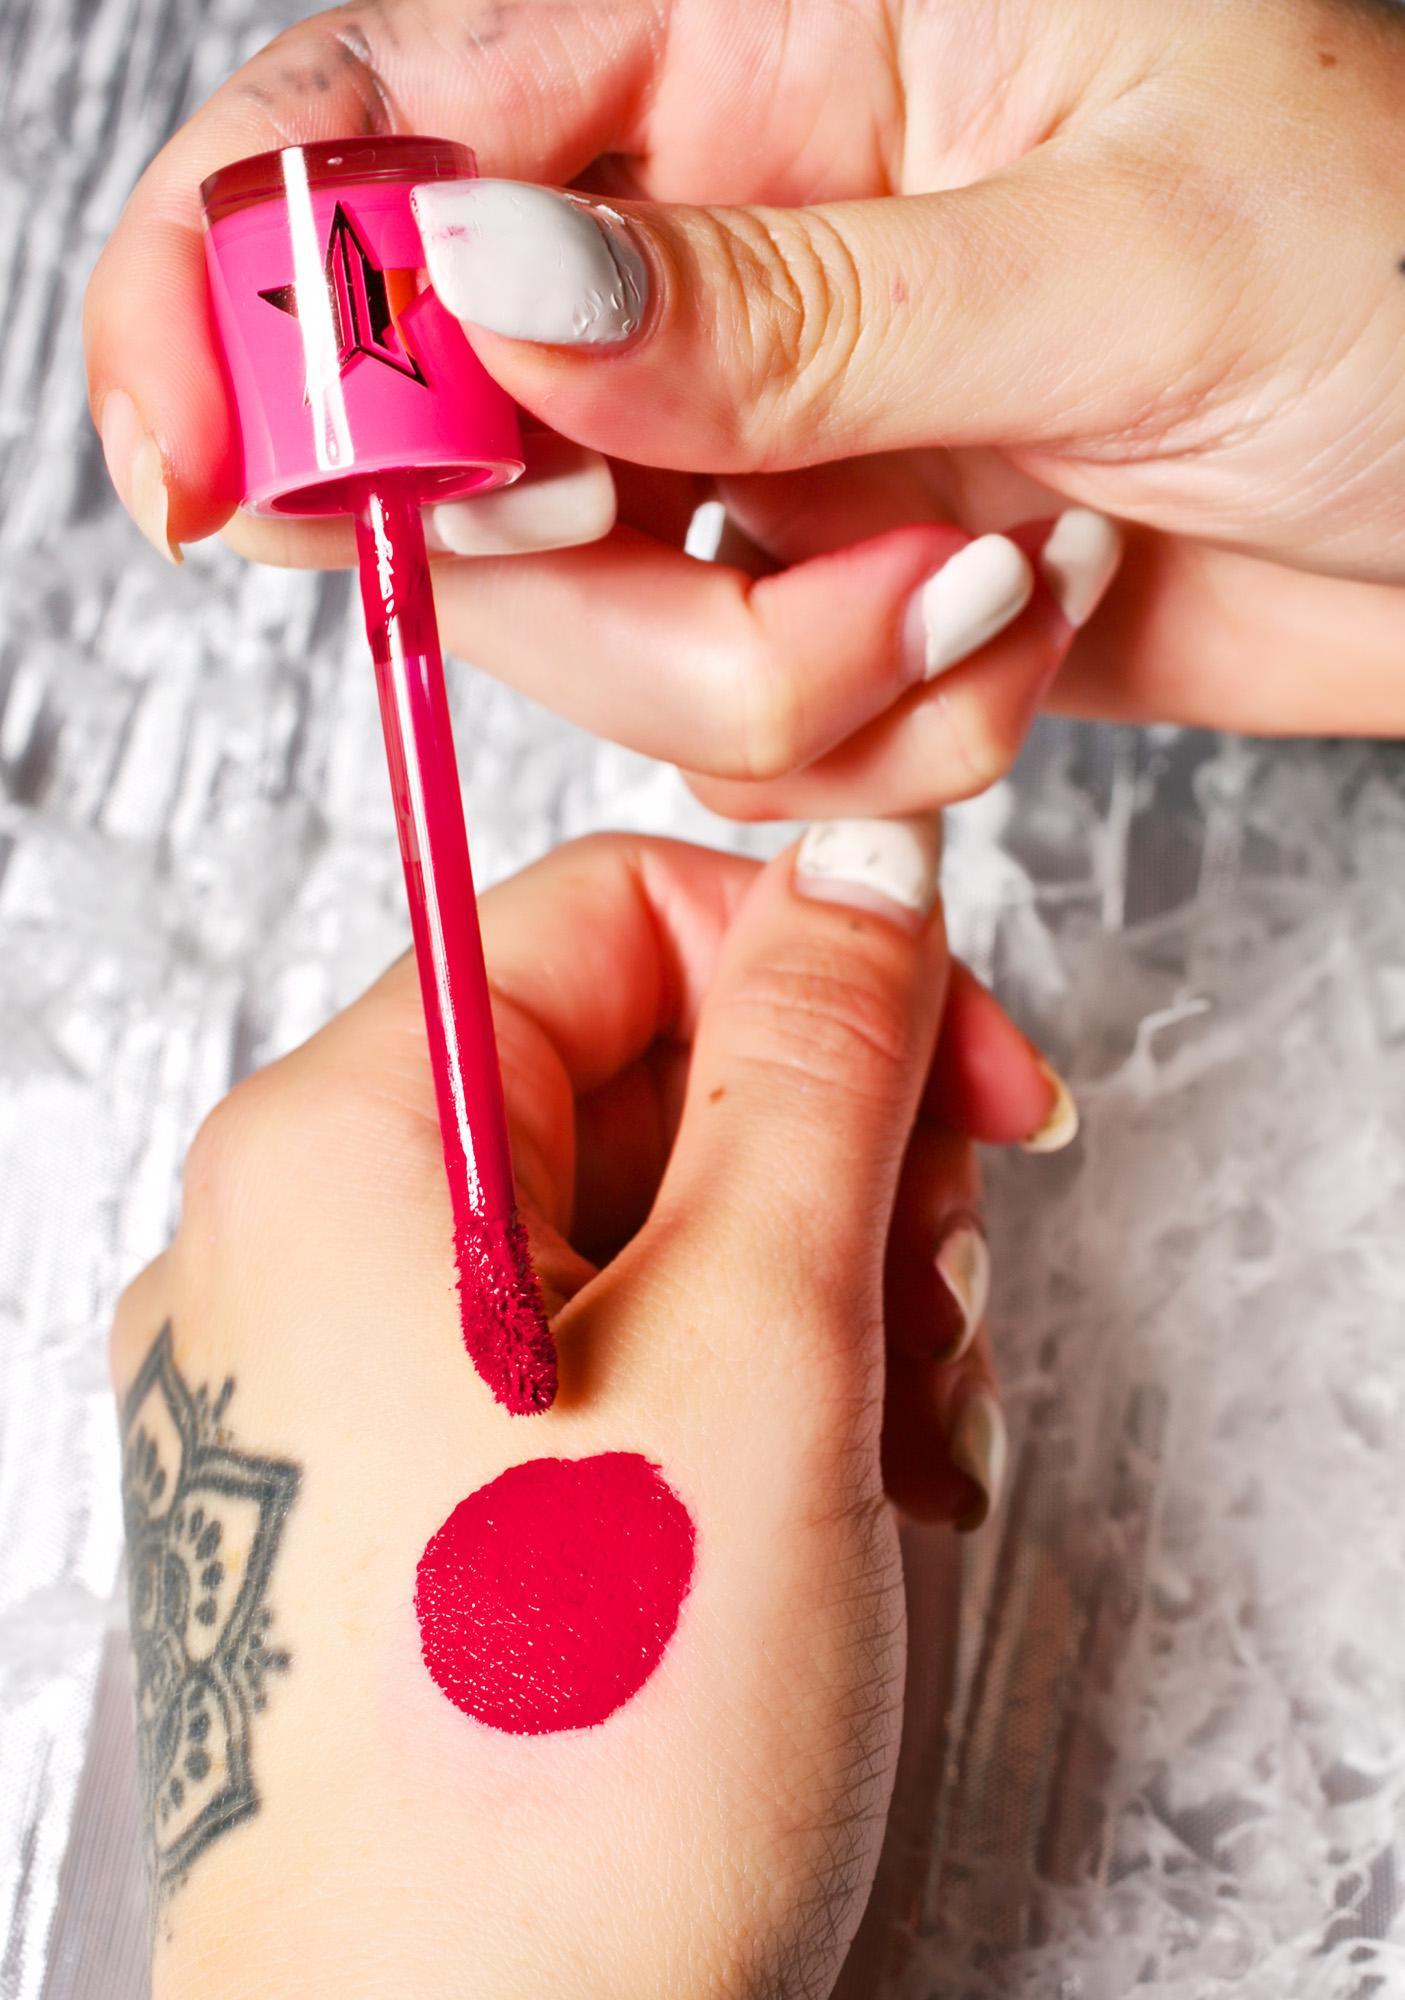 Jeffree Star Masochist Liquid Lipstick